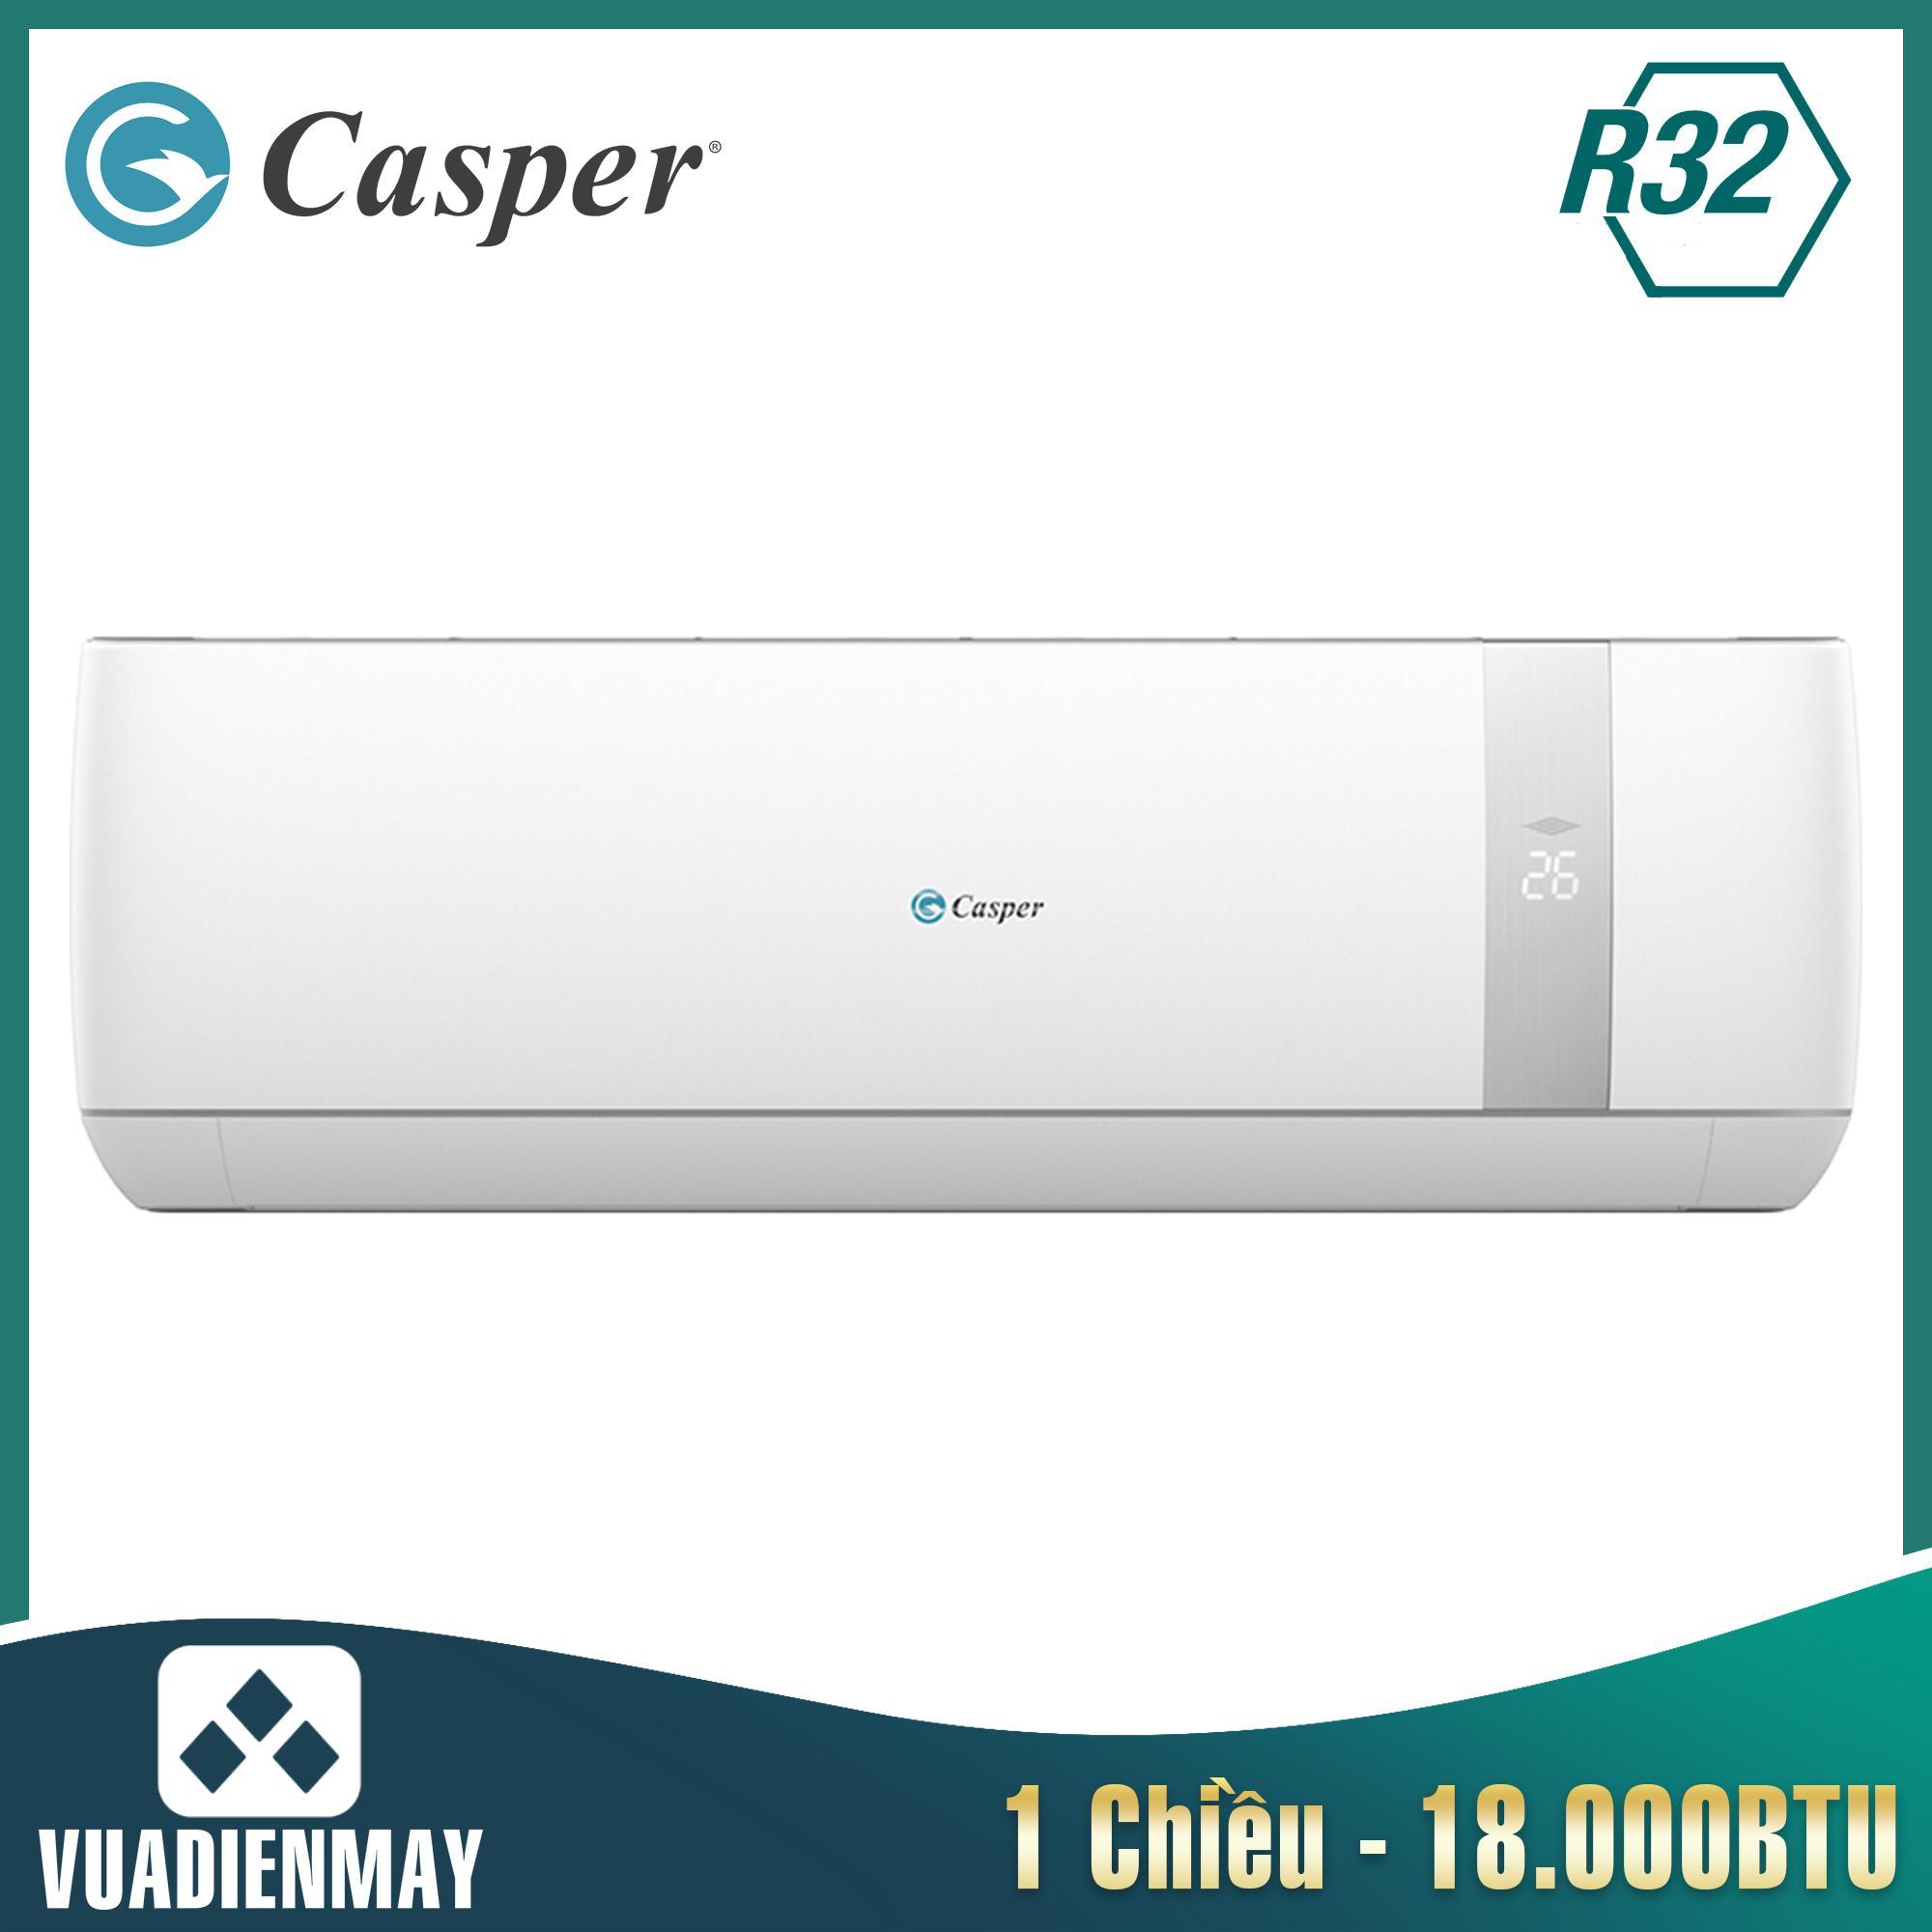 SC18FS32, điều hòa casper 18000btu 1 chiều